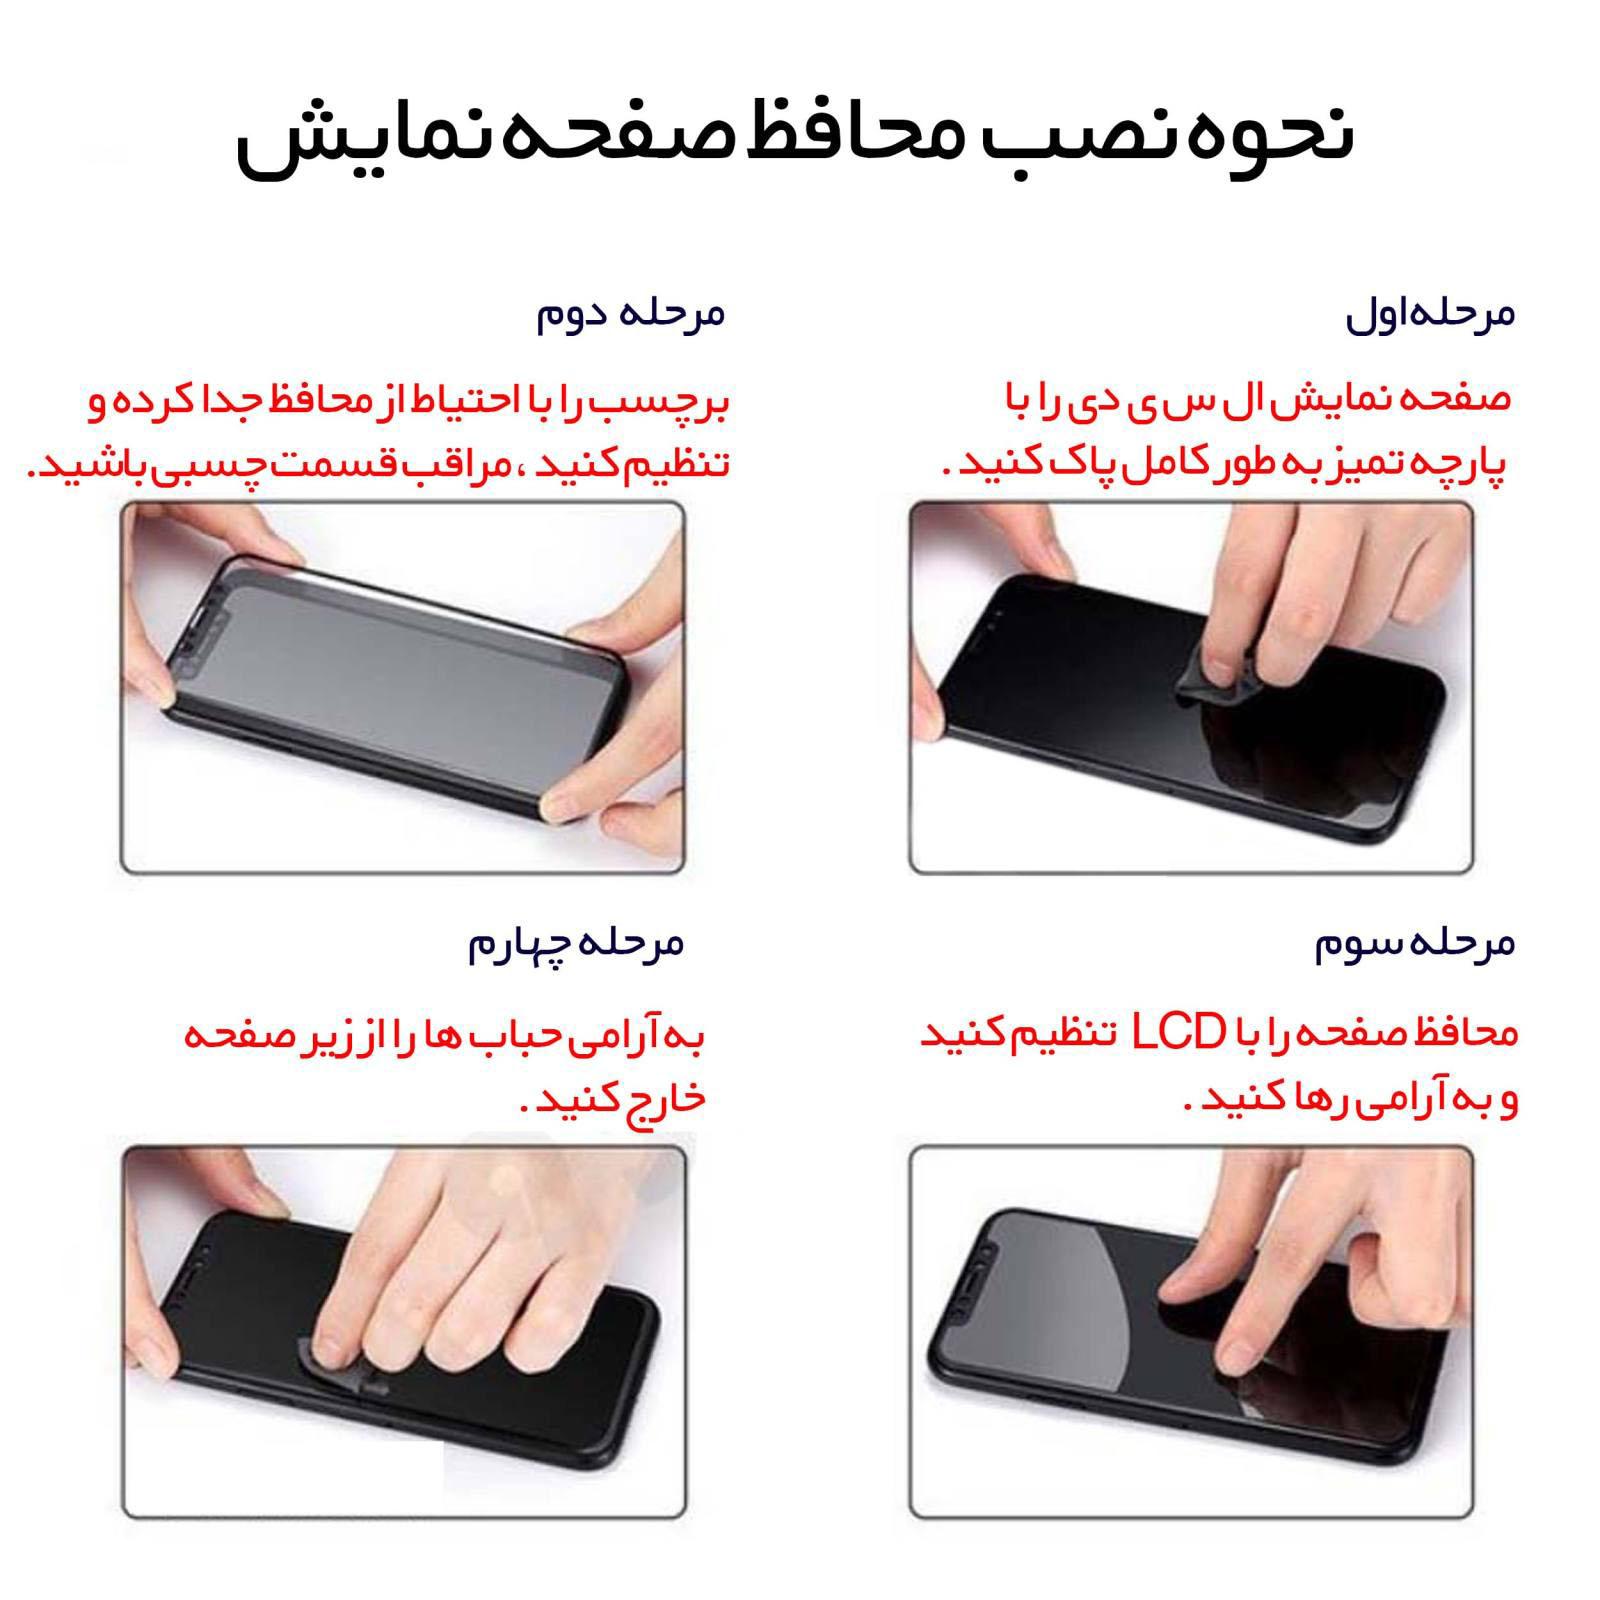 محافظ صفحه نمایش سرامیکی کوالا مدل CER-CL مناسب برای گوشی موبایل نوکیا 6.2 main 1 3